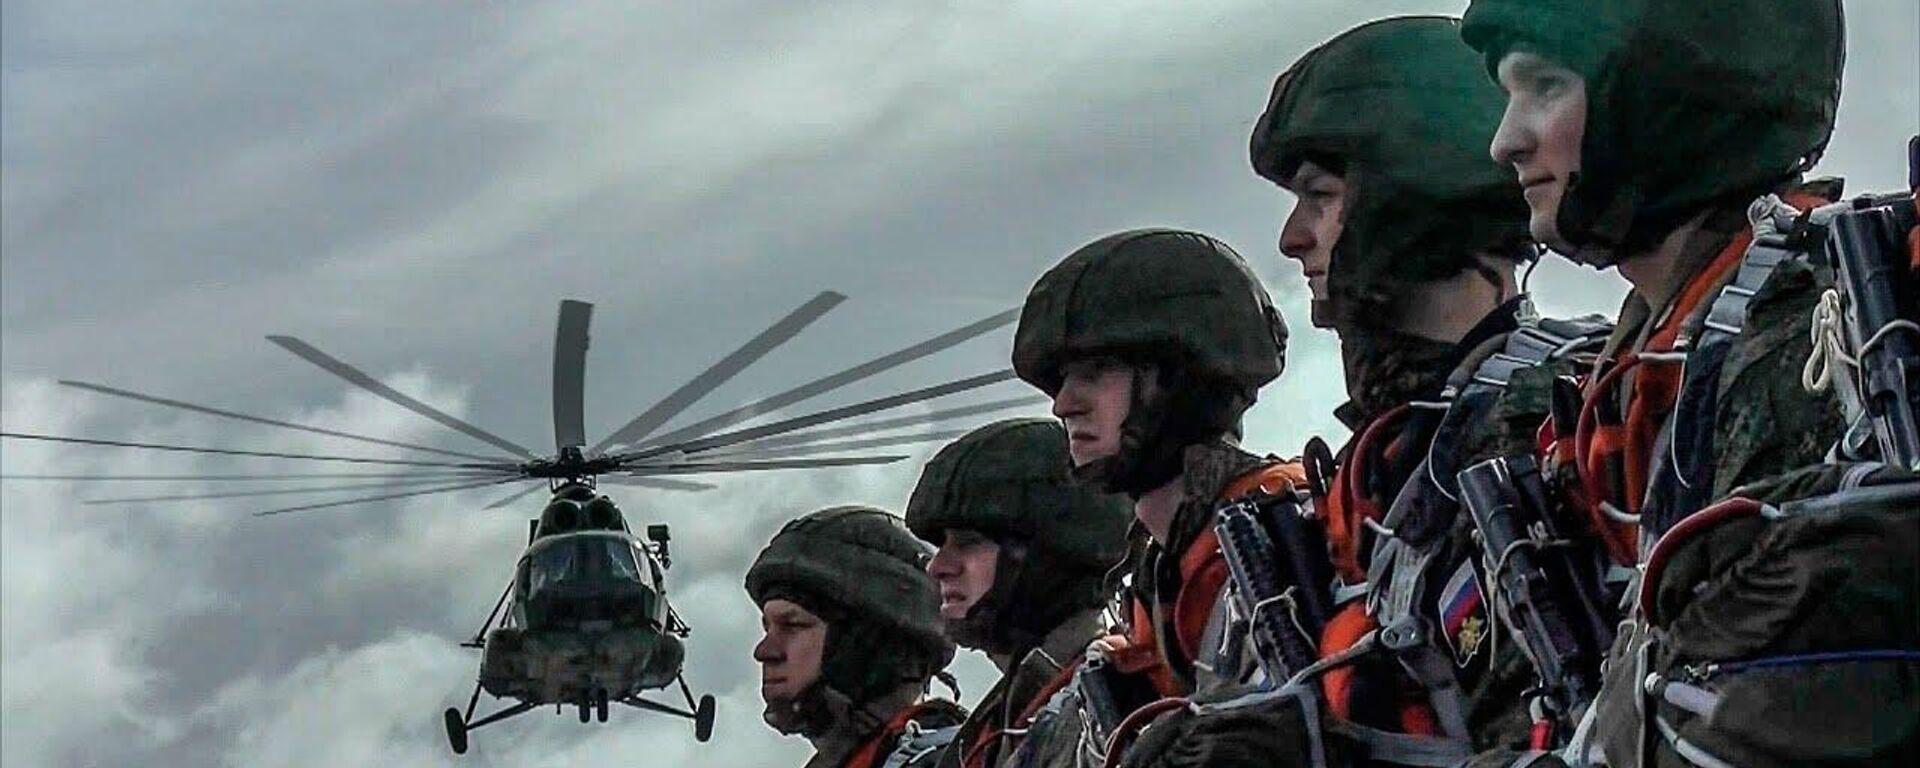 Морская пехота Балтийского флота отработала воздушное десантирование - Sputnik Латвия, 1920, 24.09.2021